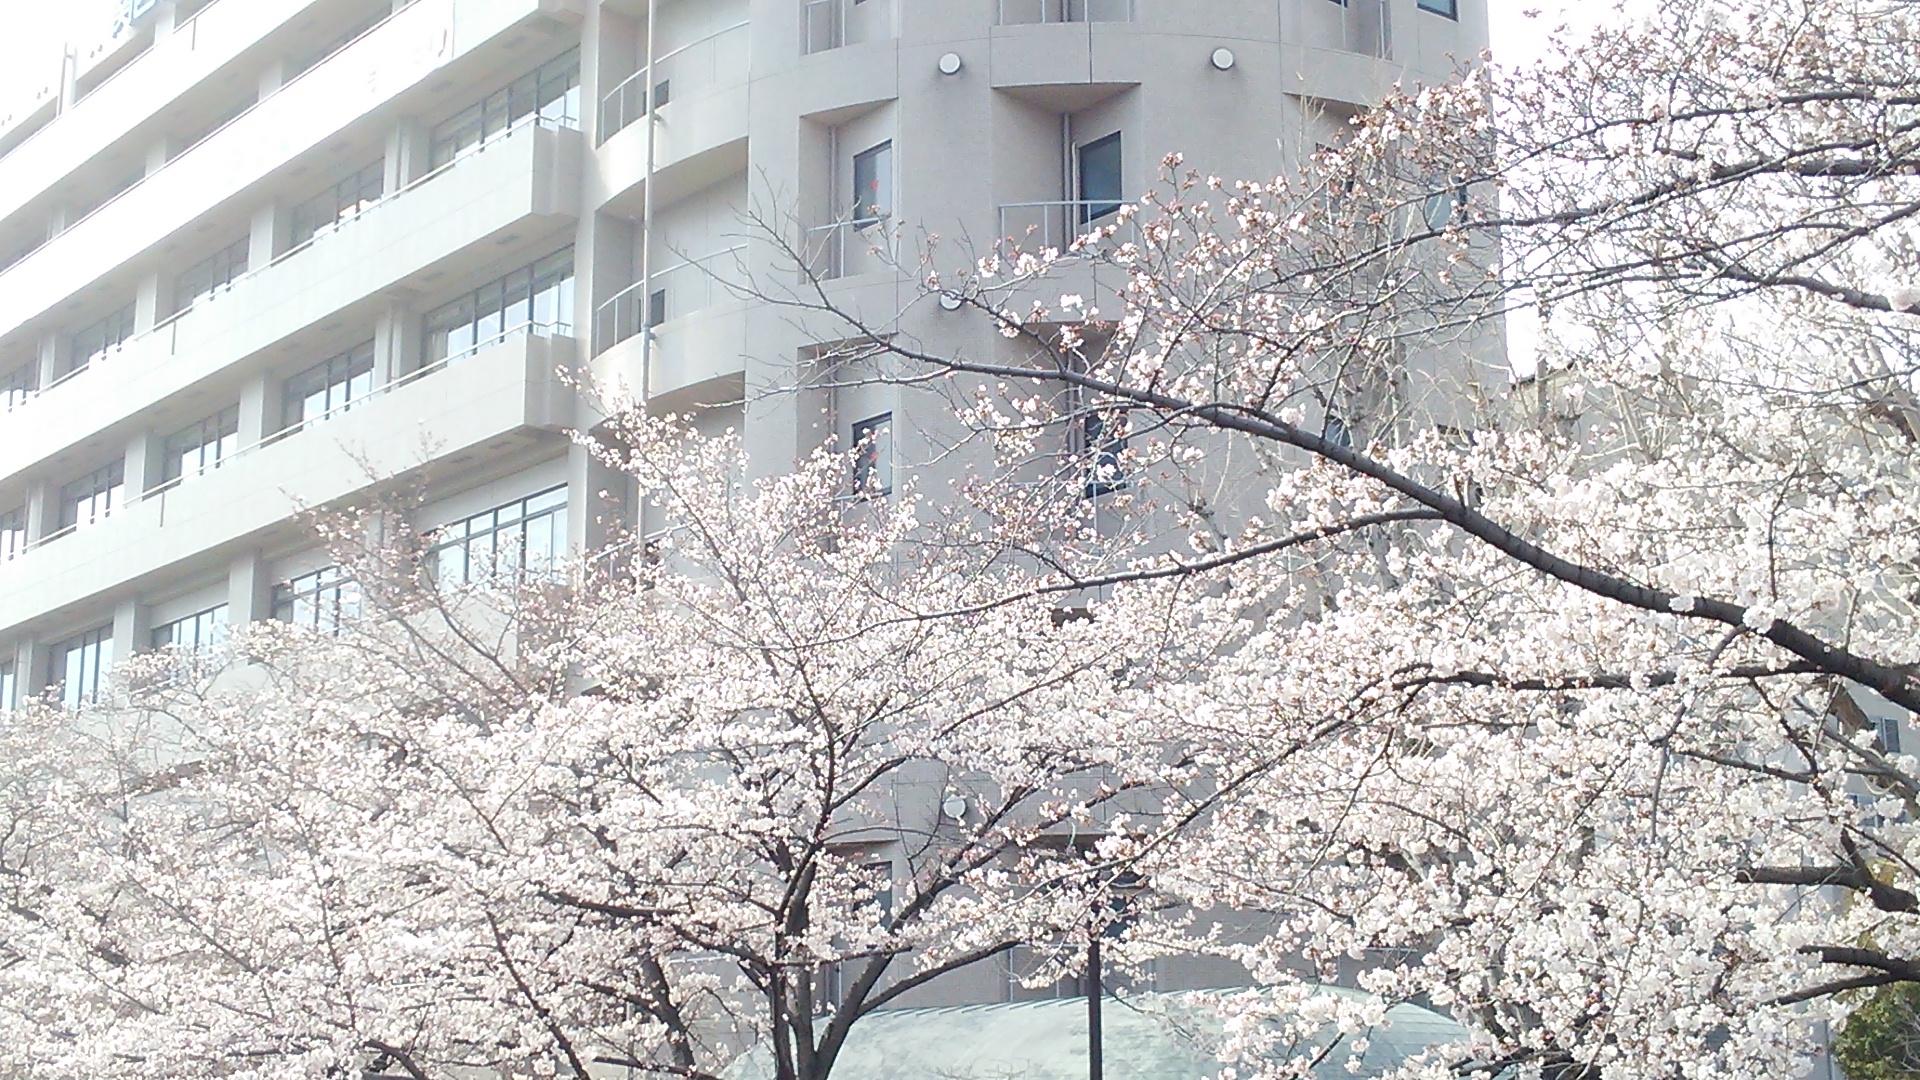 桜のライトアップ一般開放を4月6日(木)まで延長します。